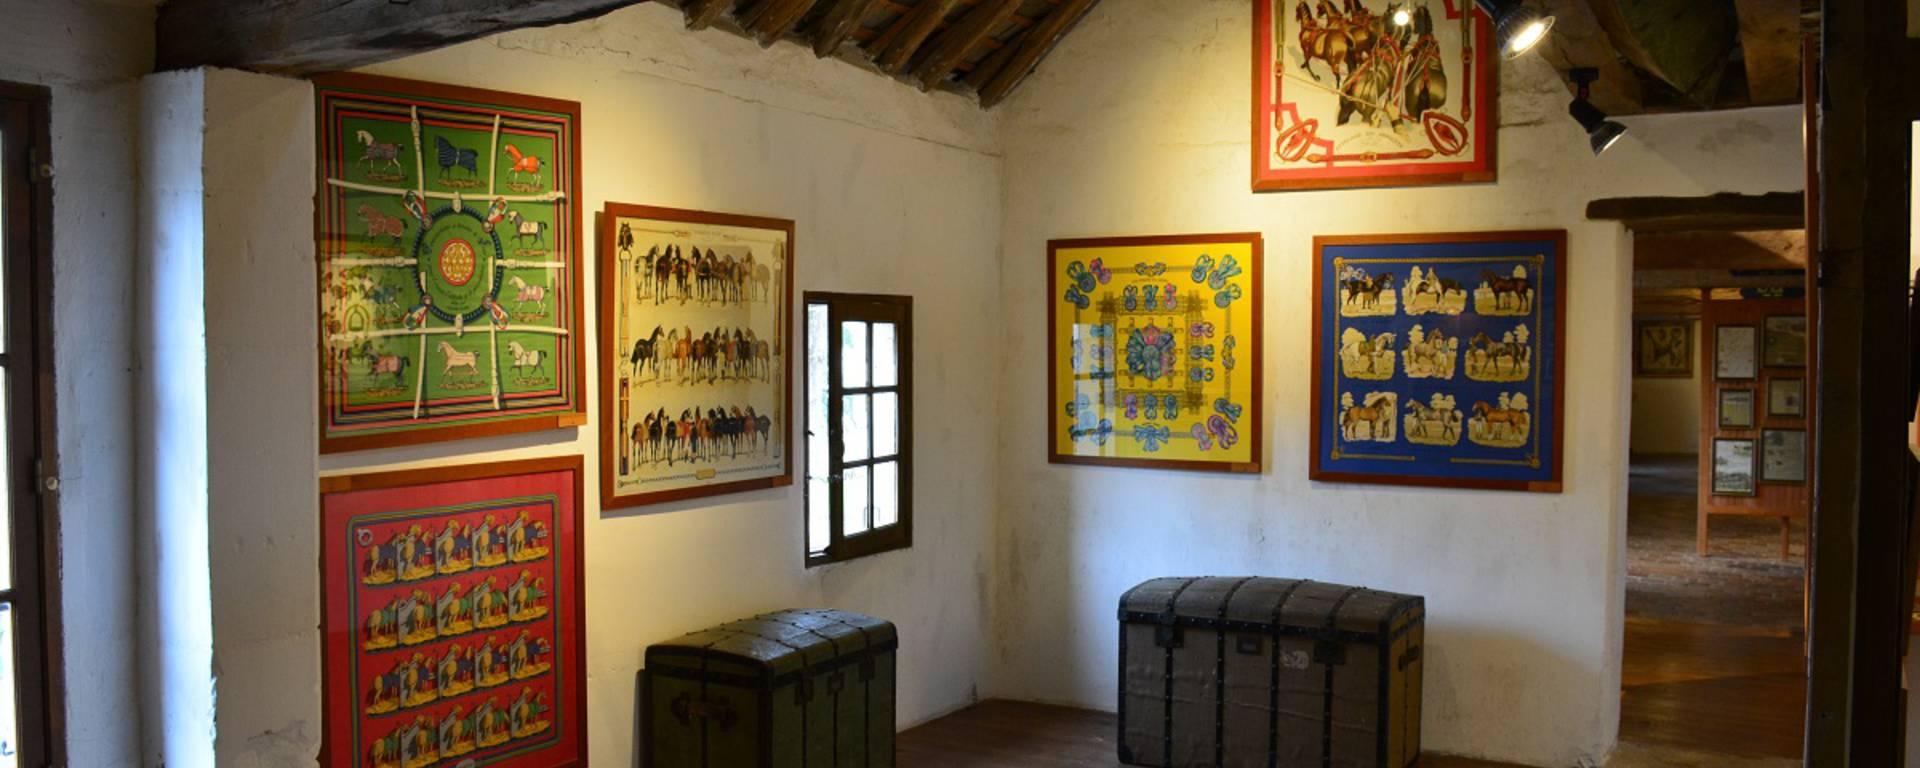 La sala Hermès del Château de Montpoupon. © OTBC